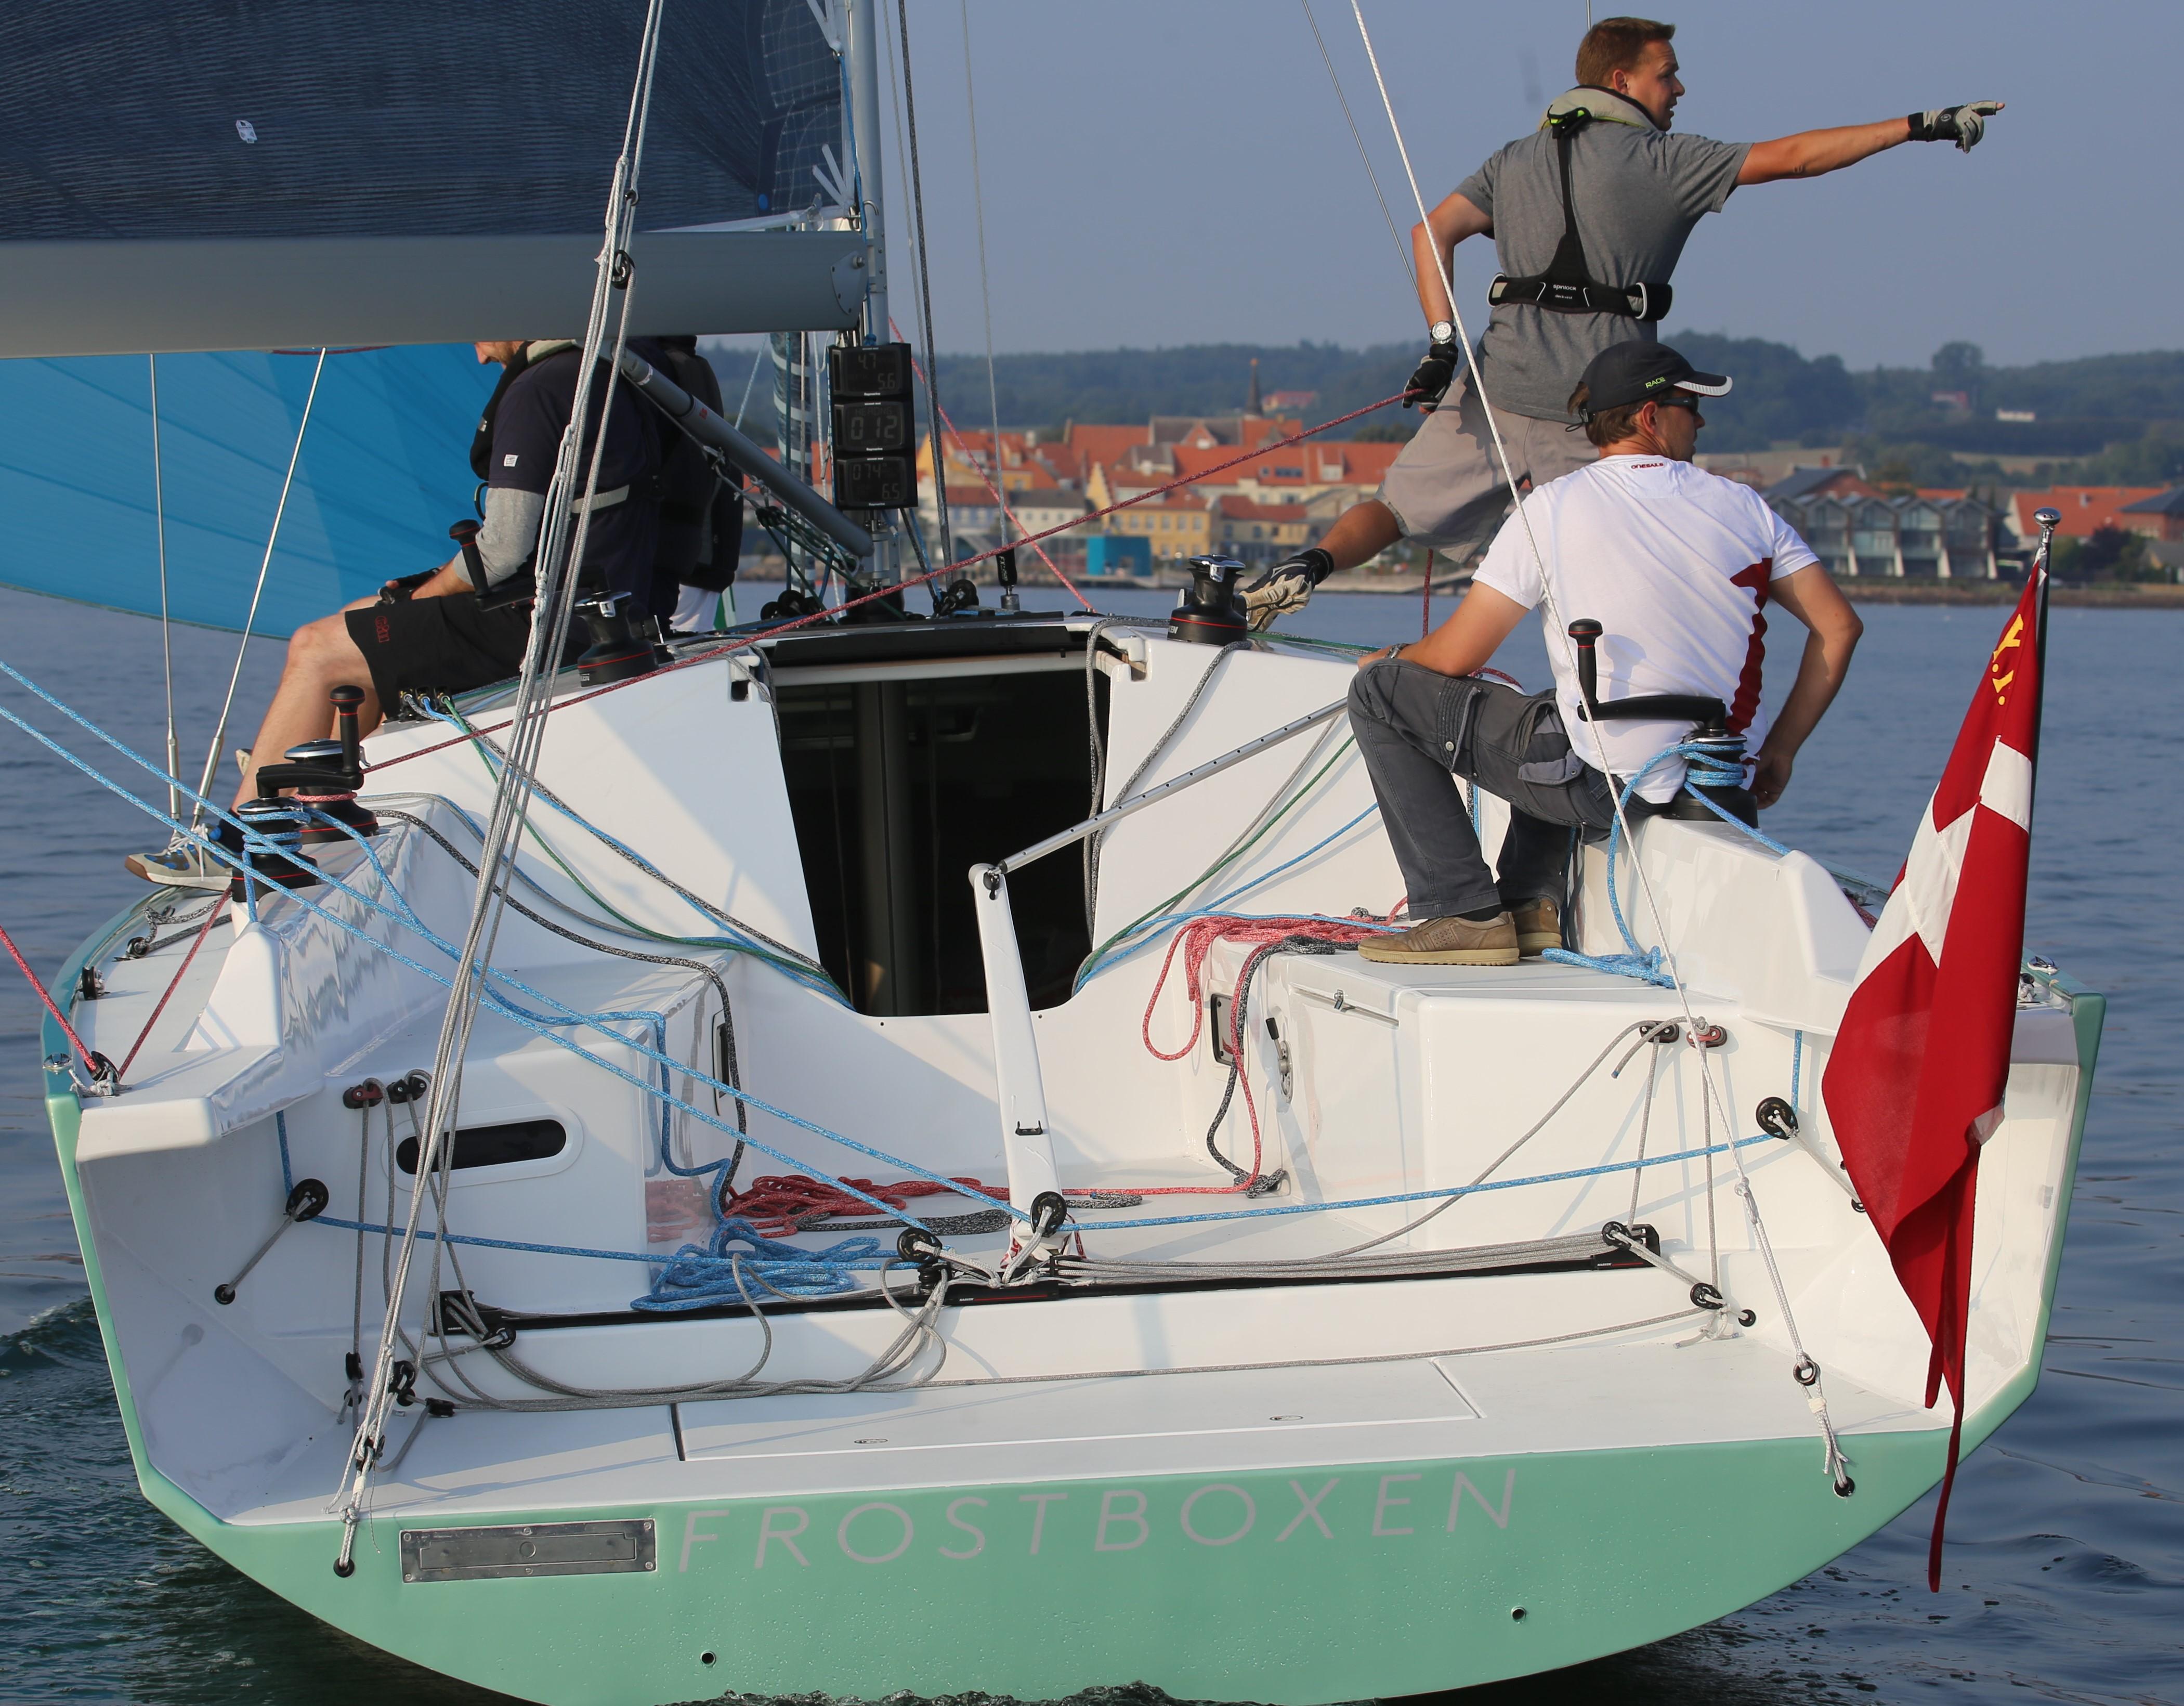 Hvis du har stabiliteten og ikke krænger for hurtigt, så får du mere fart ud af båden, siger designer Jan Pedersen fra Big Design. Foto: Troels Lykke